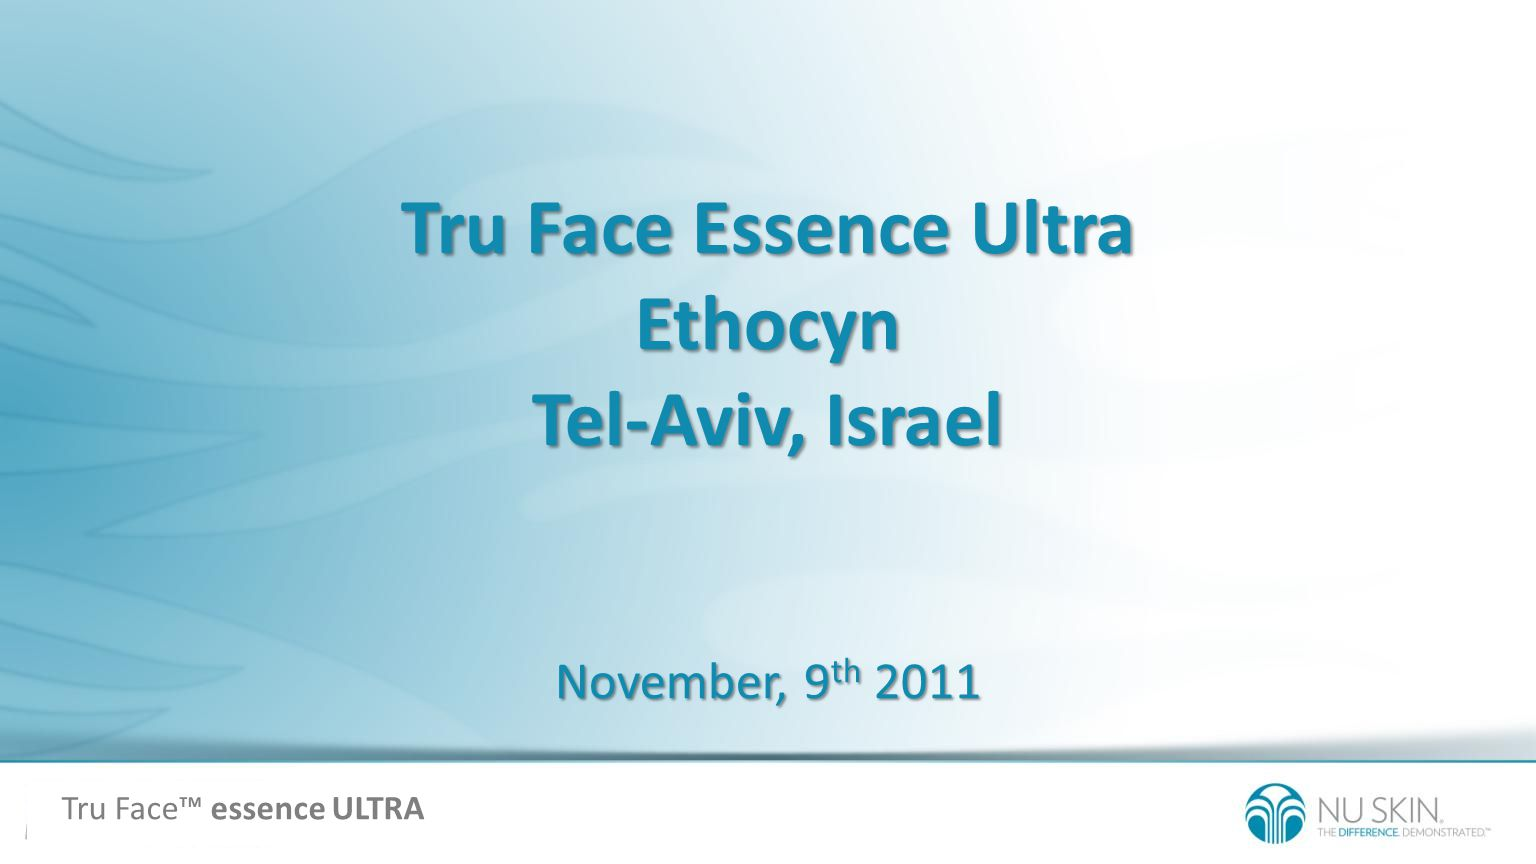 Tru Face Essence Ultra Ethocyn Tel-Aviv, Israel November, 9th 2011